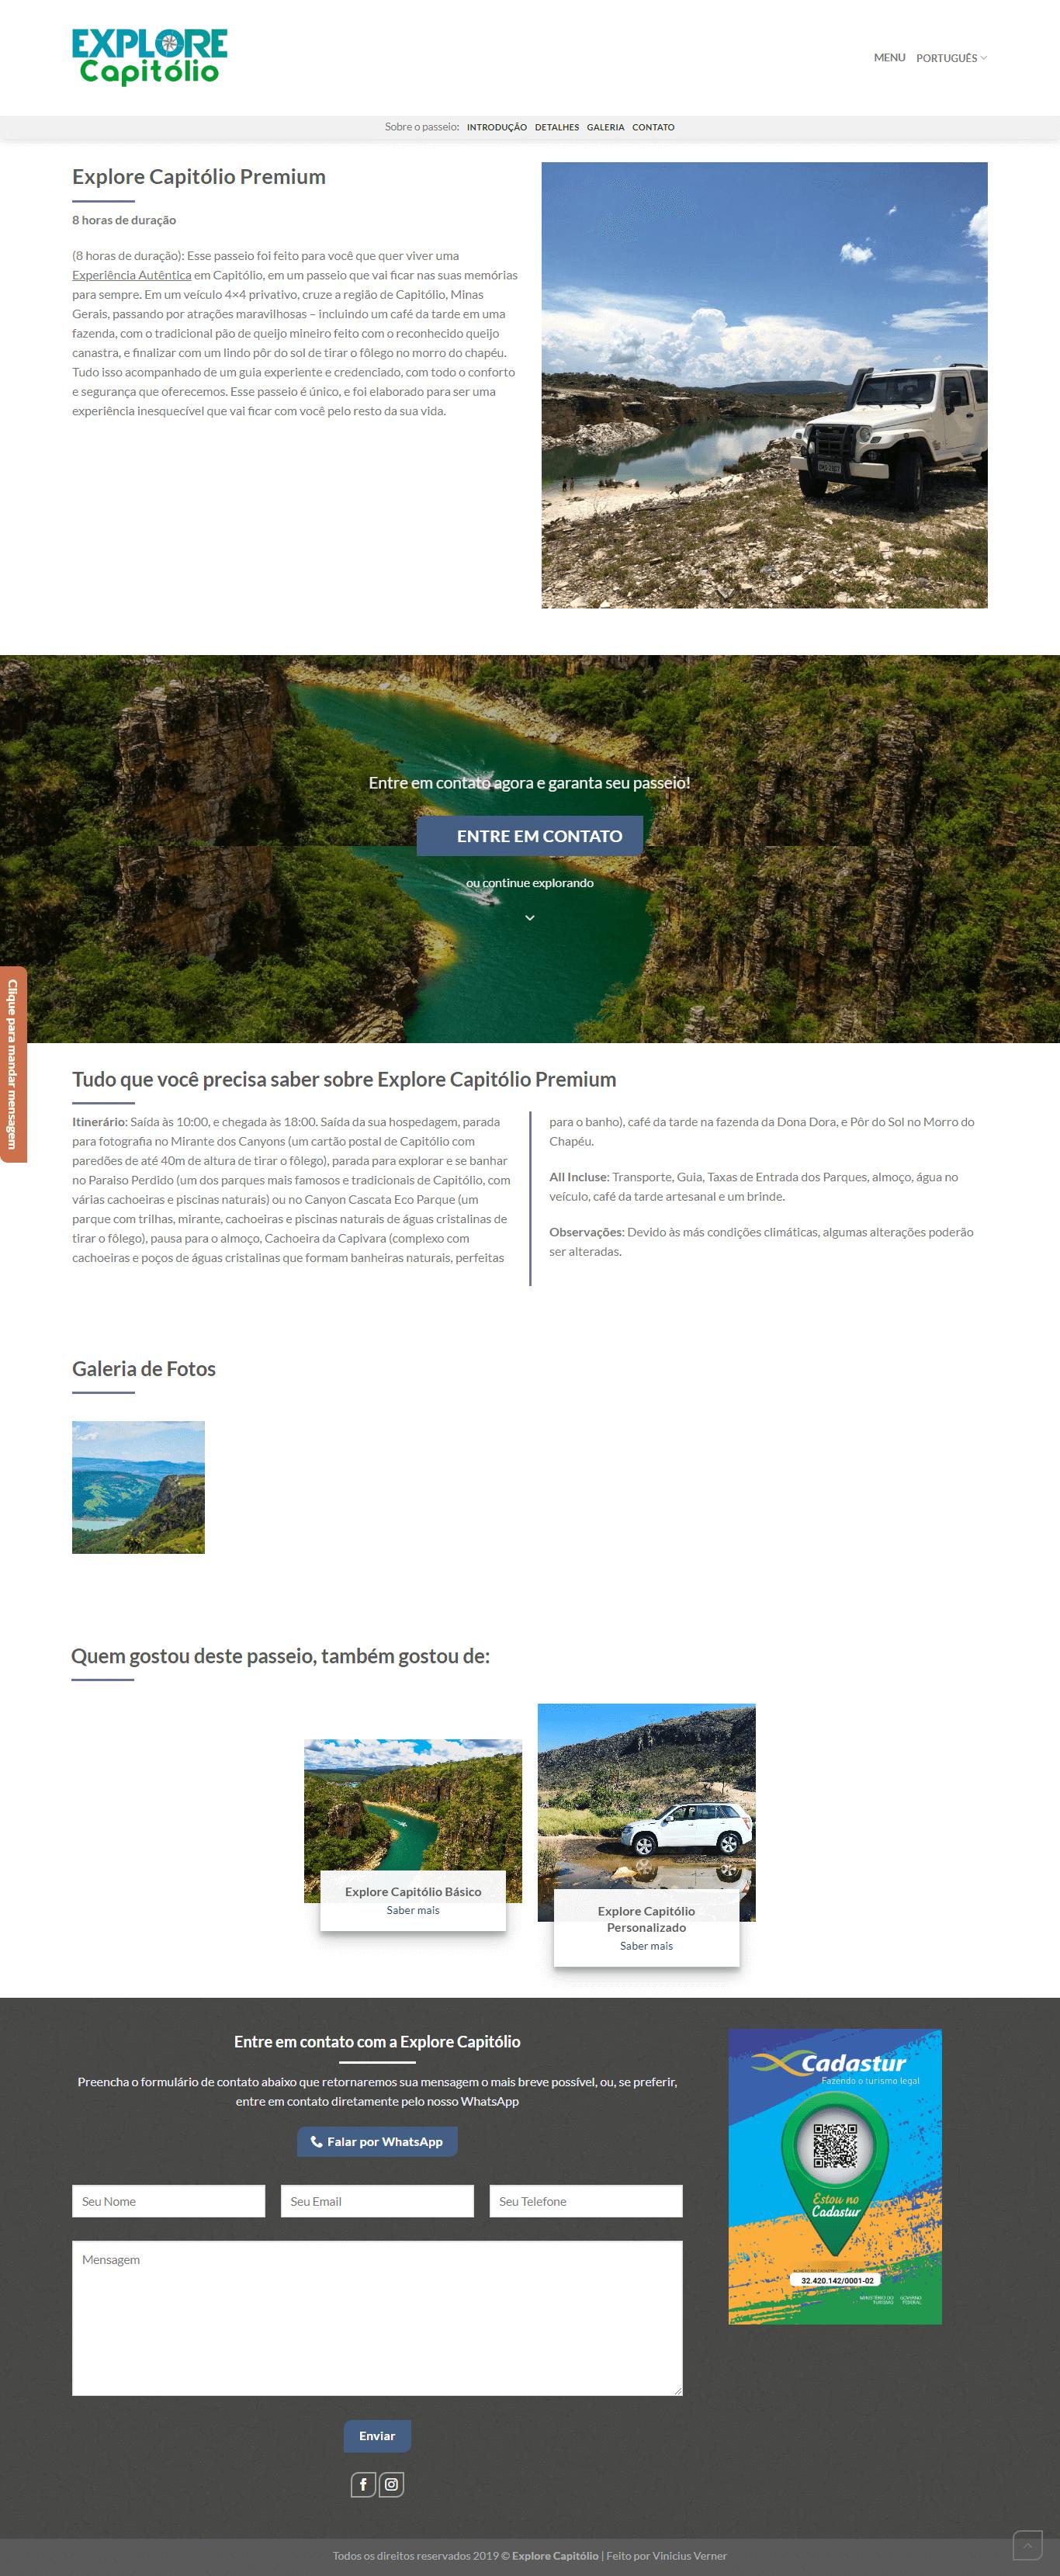 explorecapitolio.com.br - Vinicius Verner